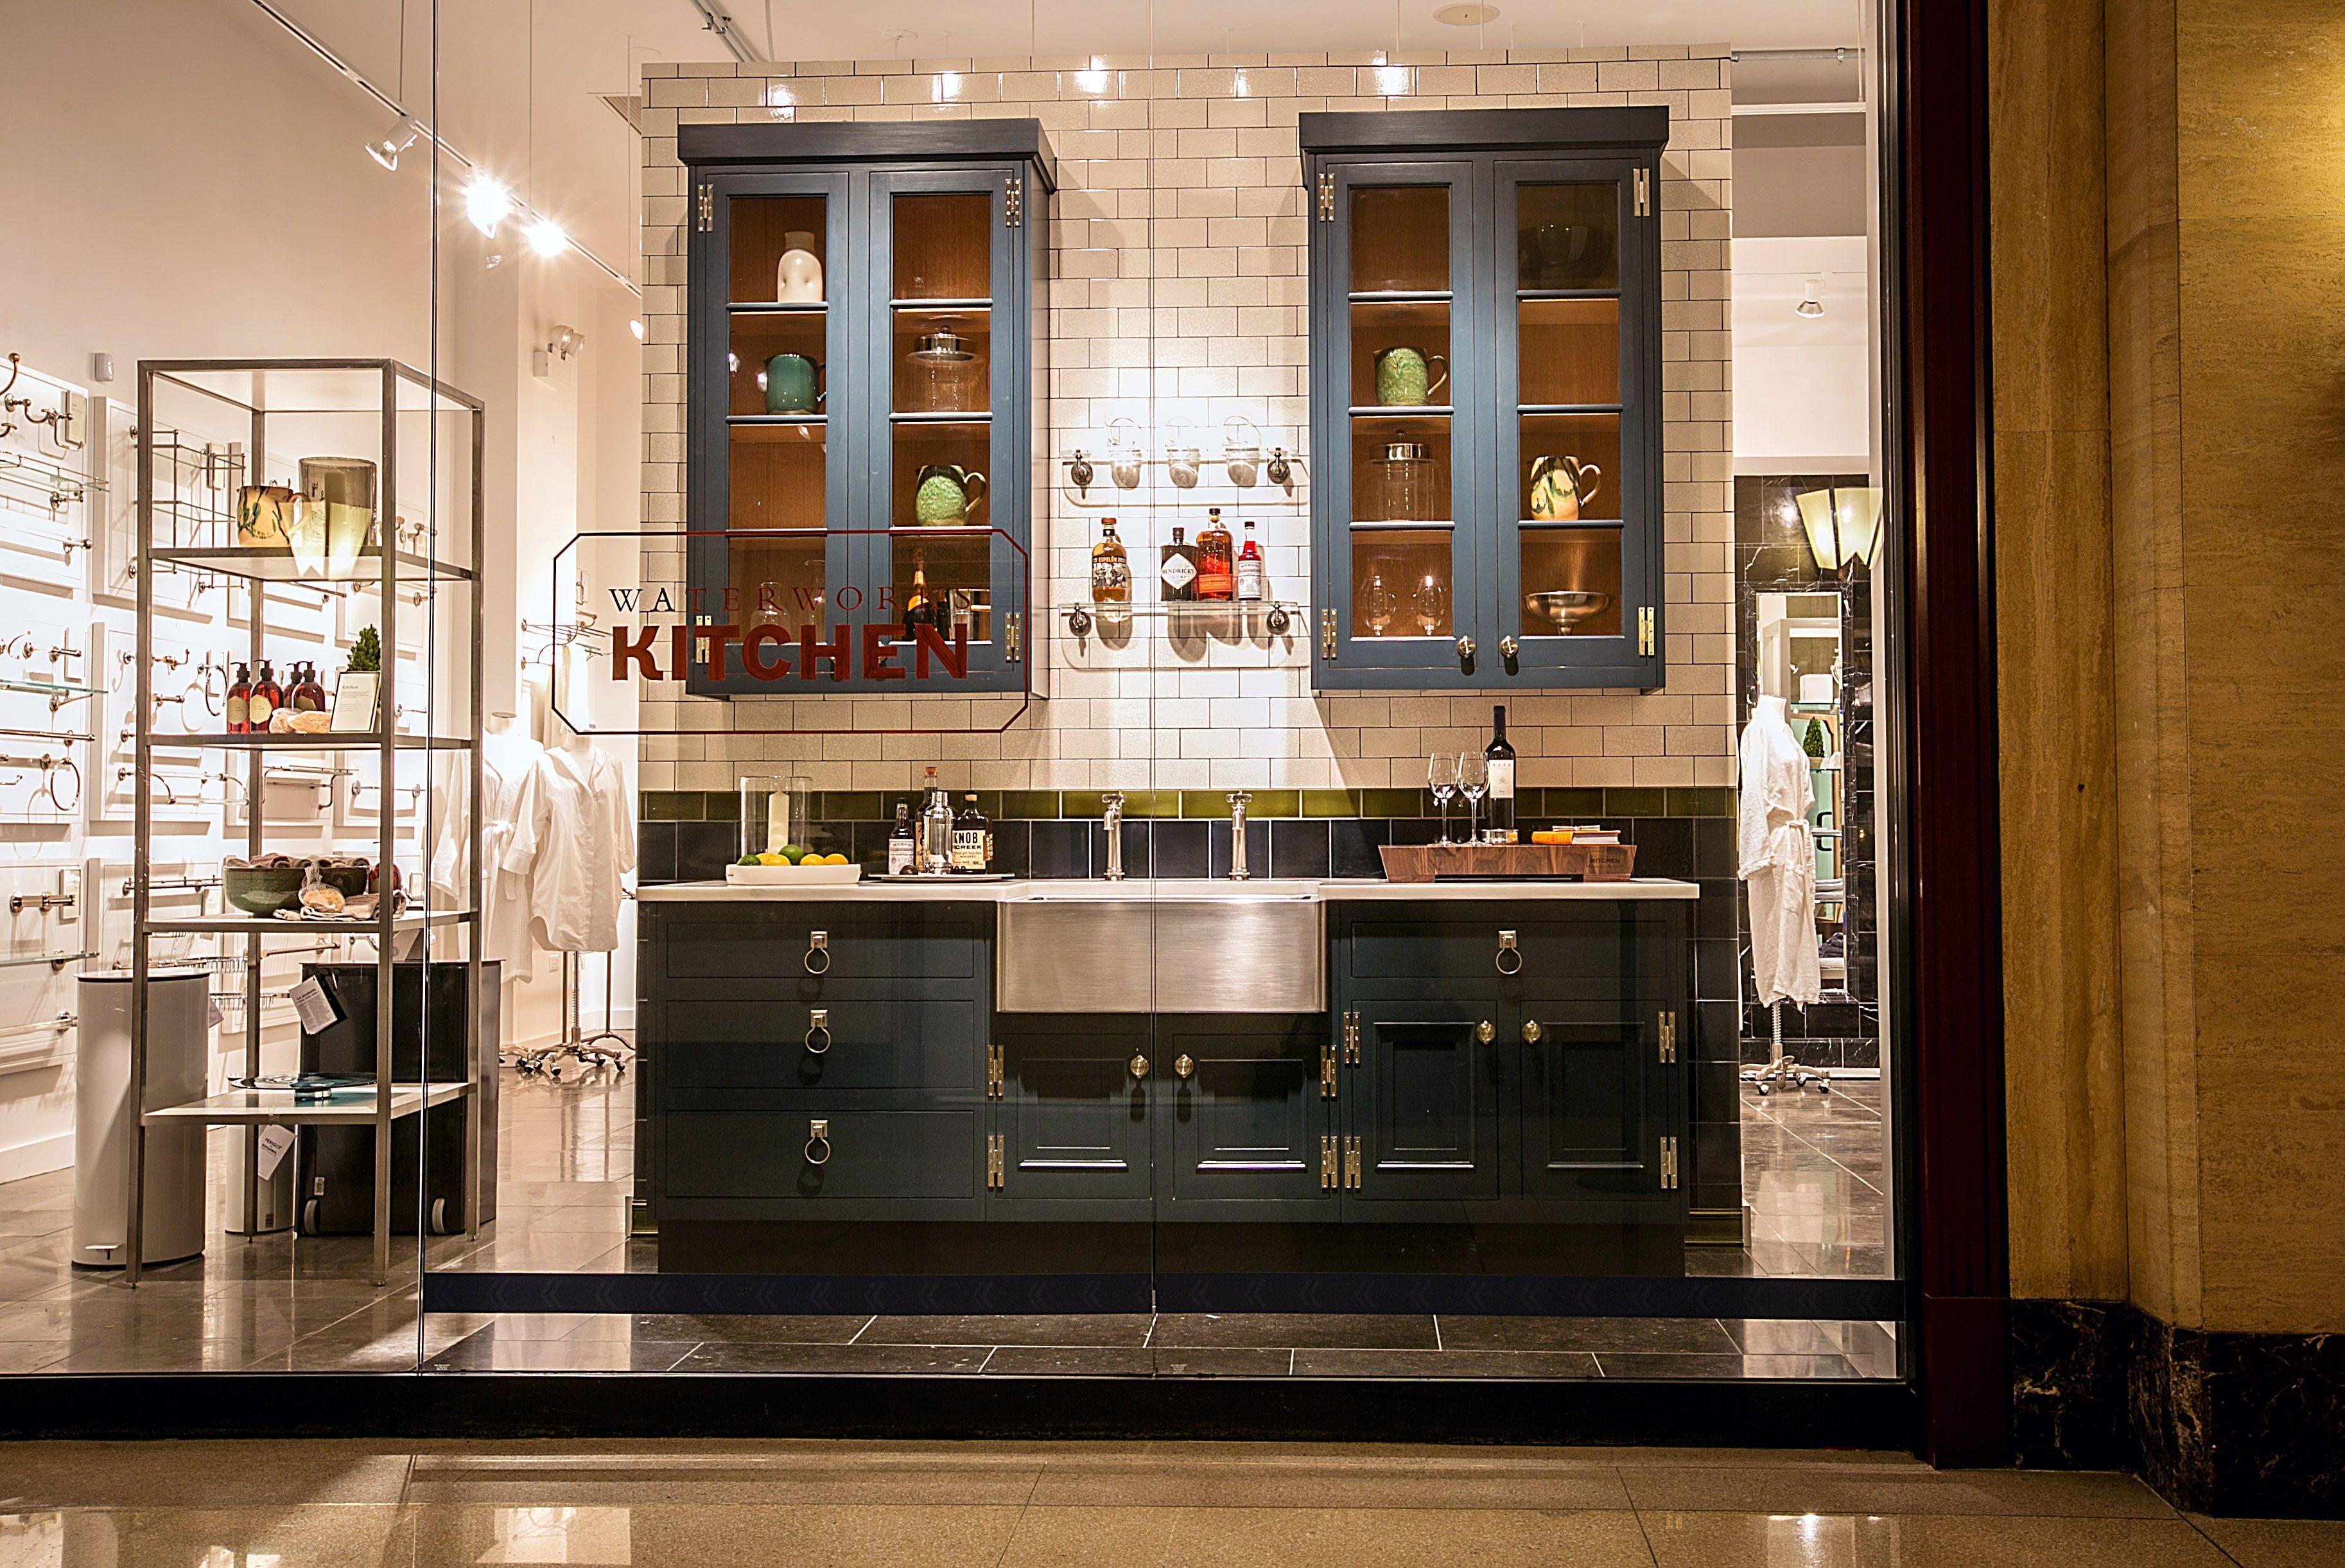 Waterworks kitchen in chicago showroom kitchenremodelingideas